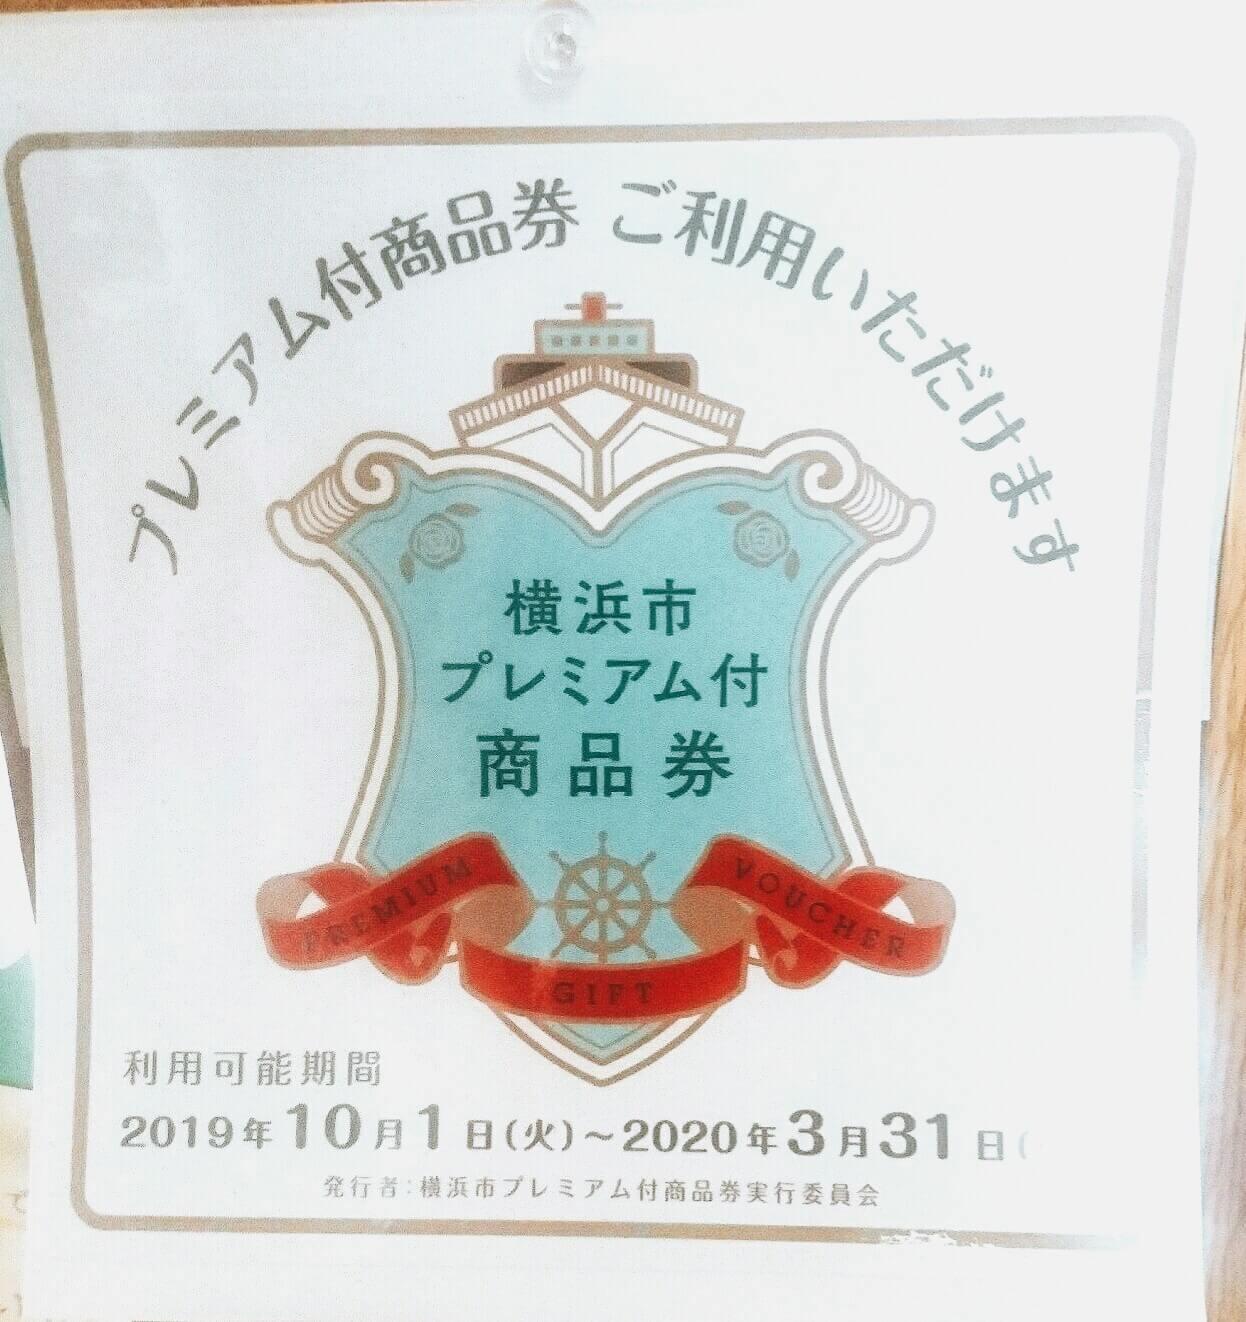 プレミアム 付き 商品 券 横浜 市